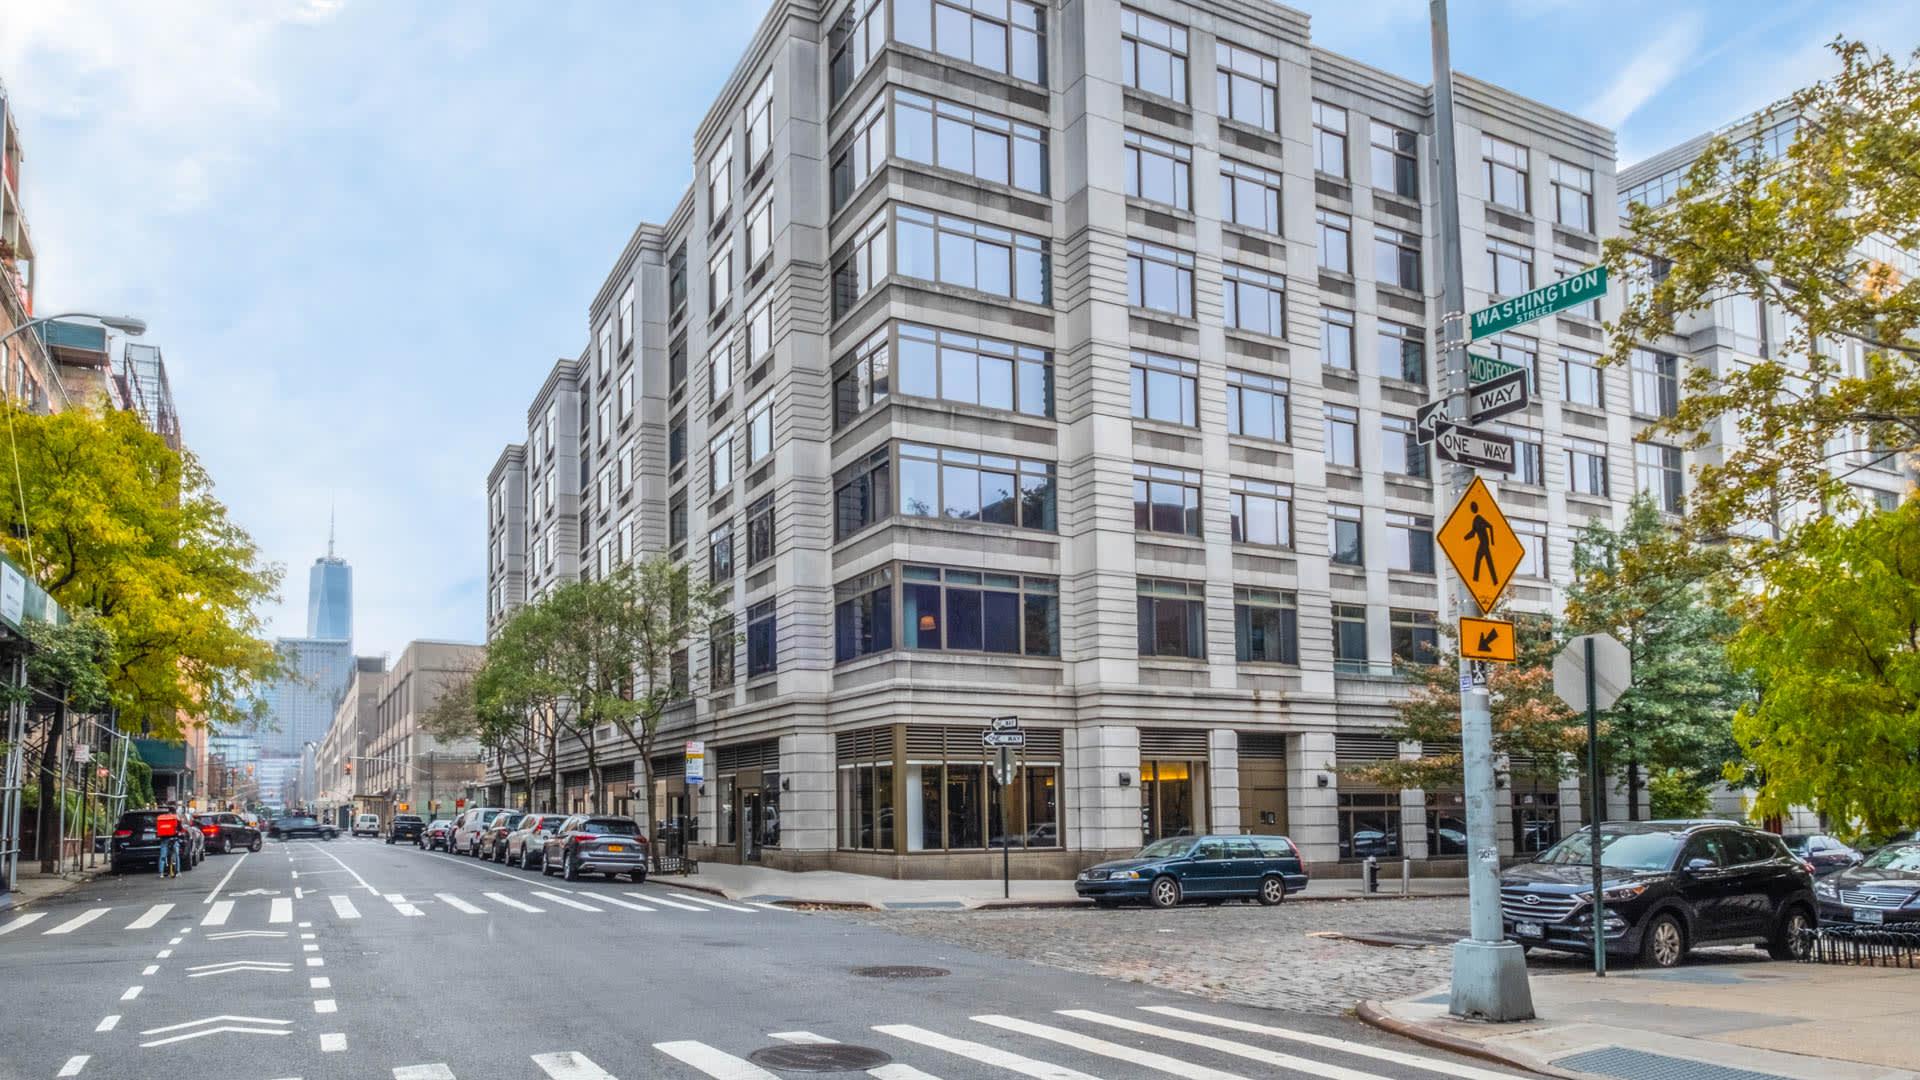 600 Washington Apartments - Exterior